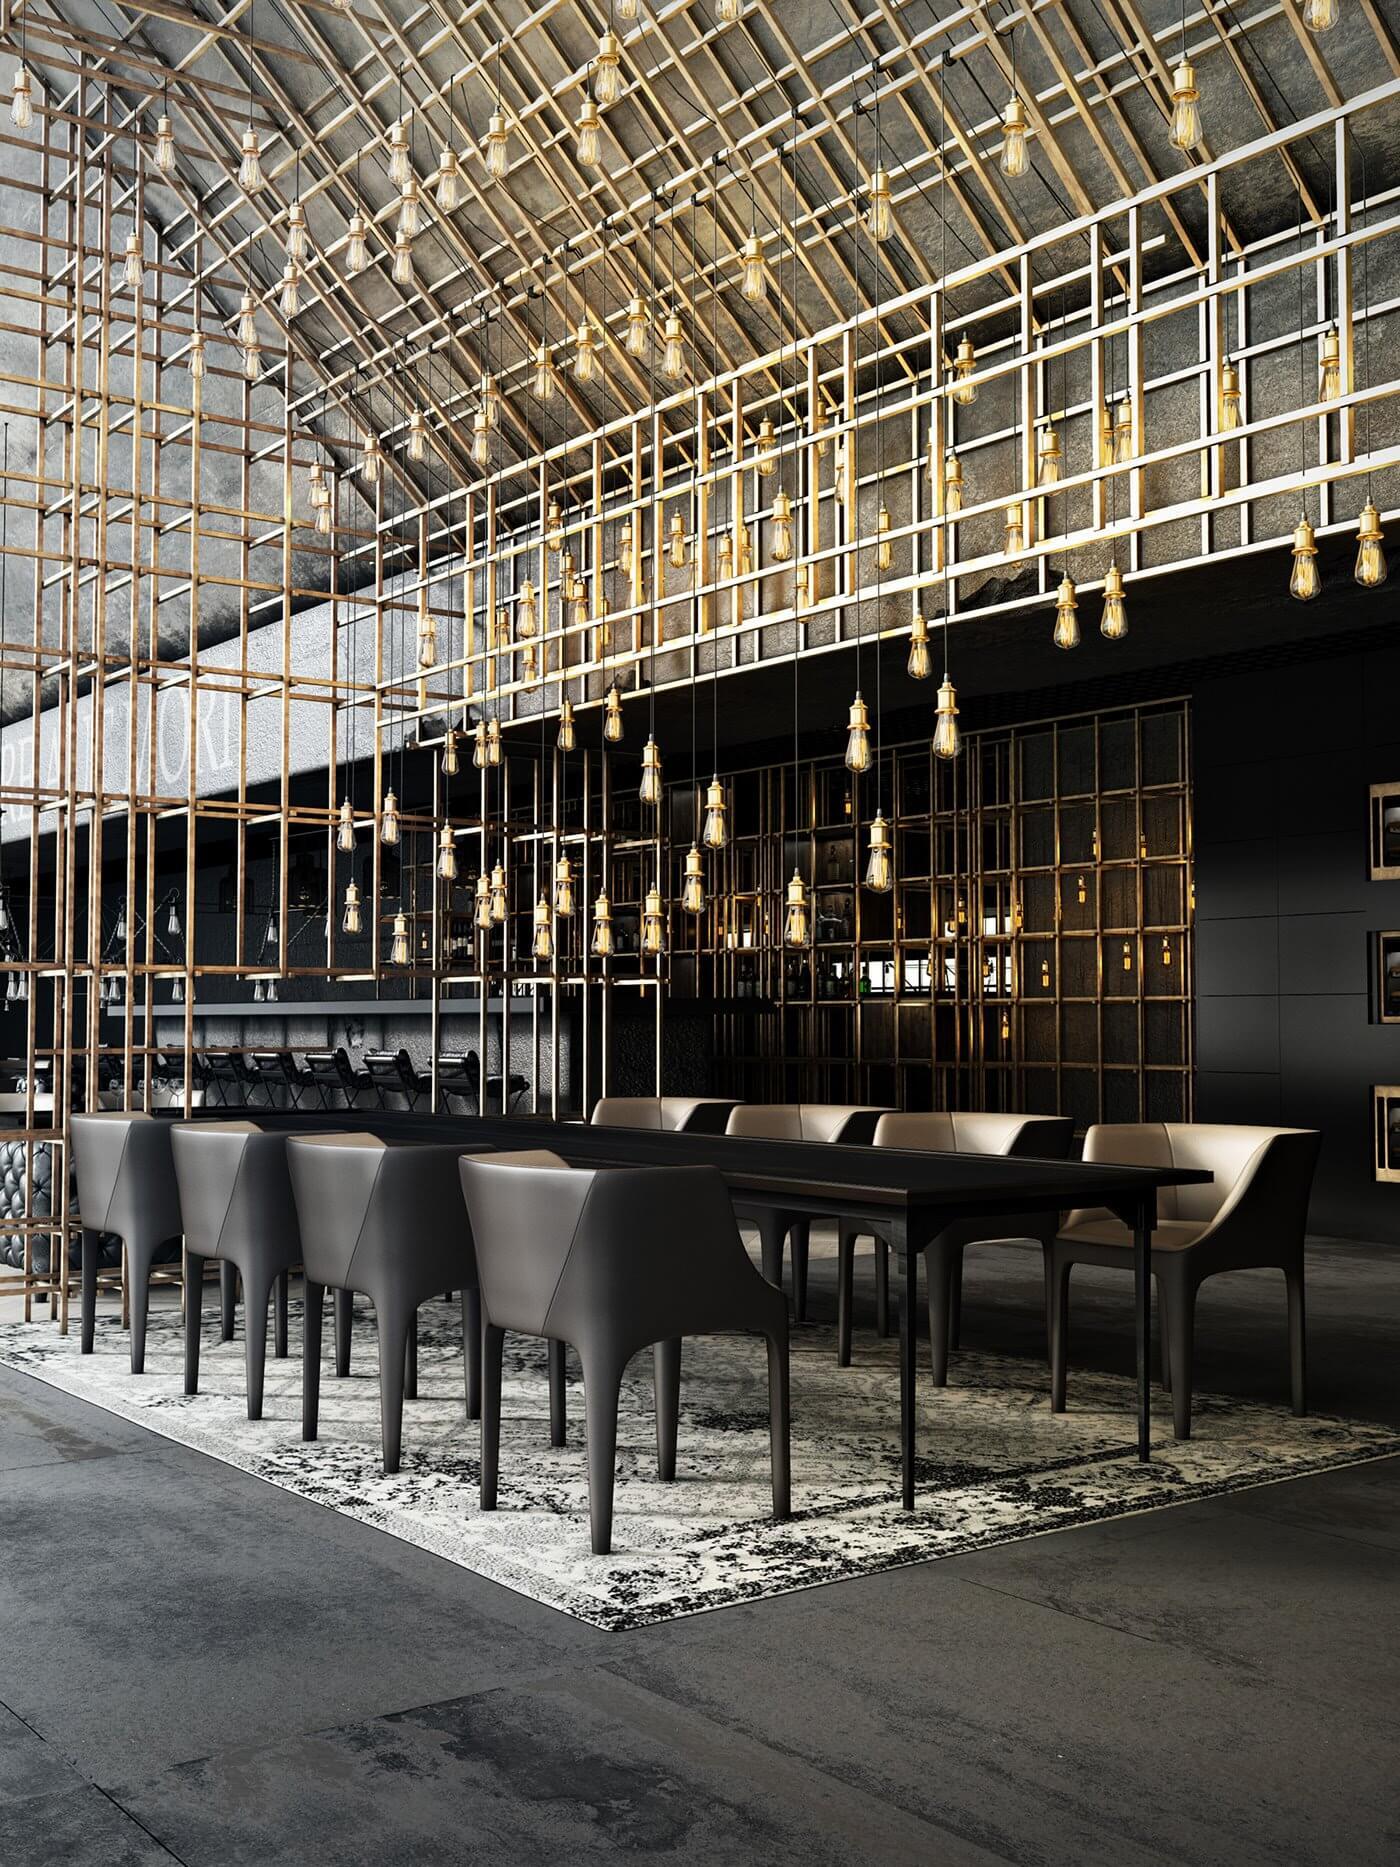 Restaurant Aut vincere aut mori dining table chair- cgi visualization